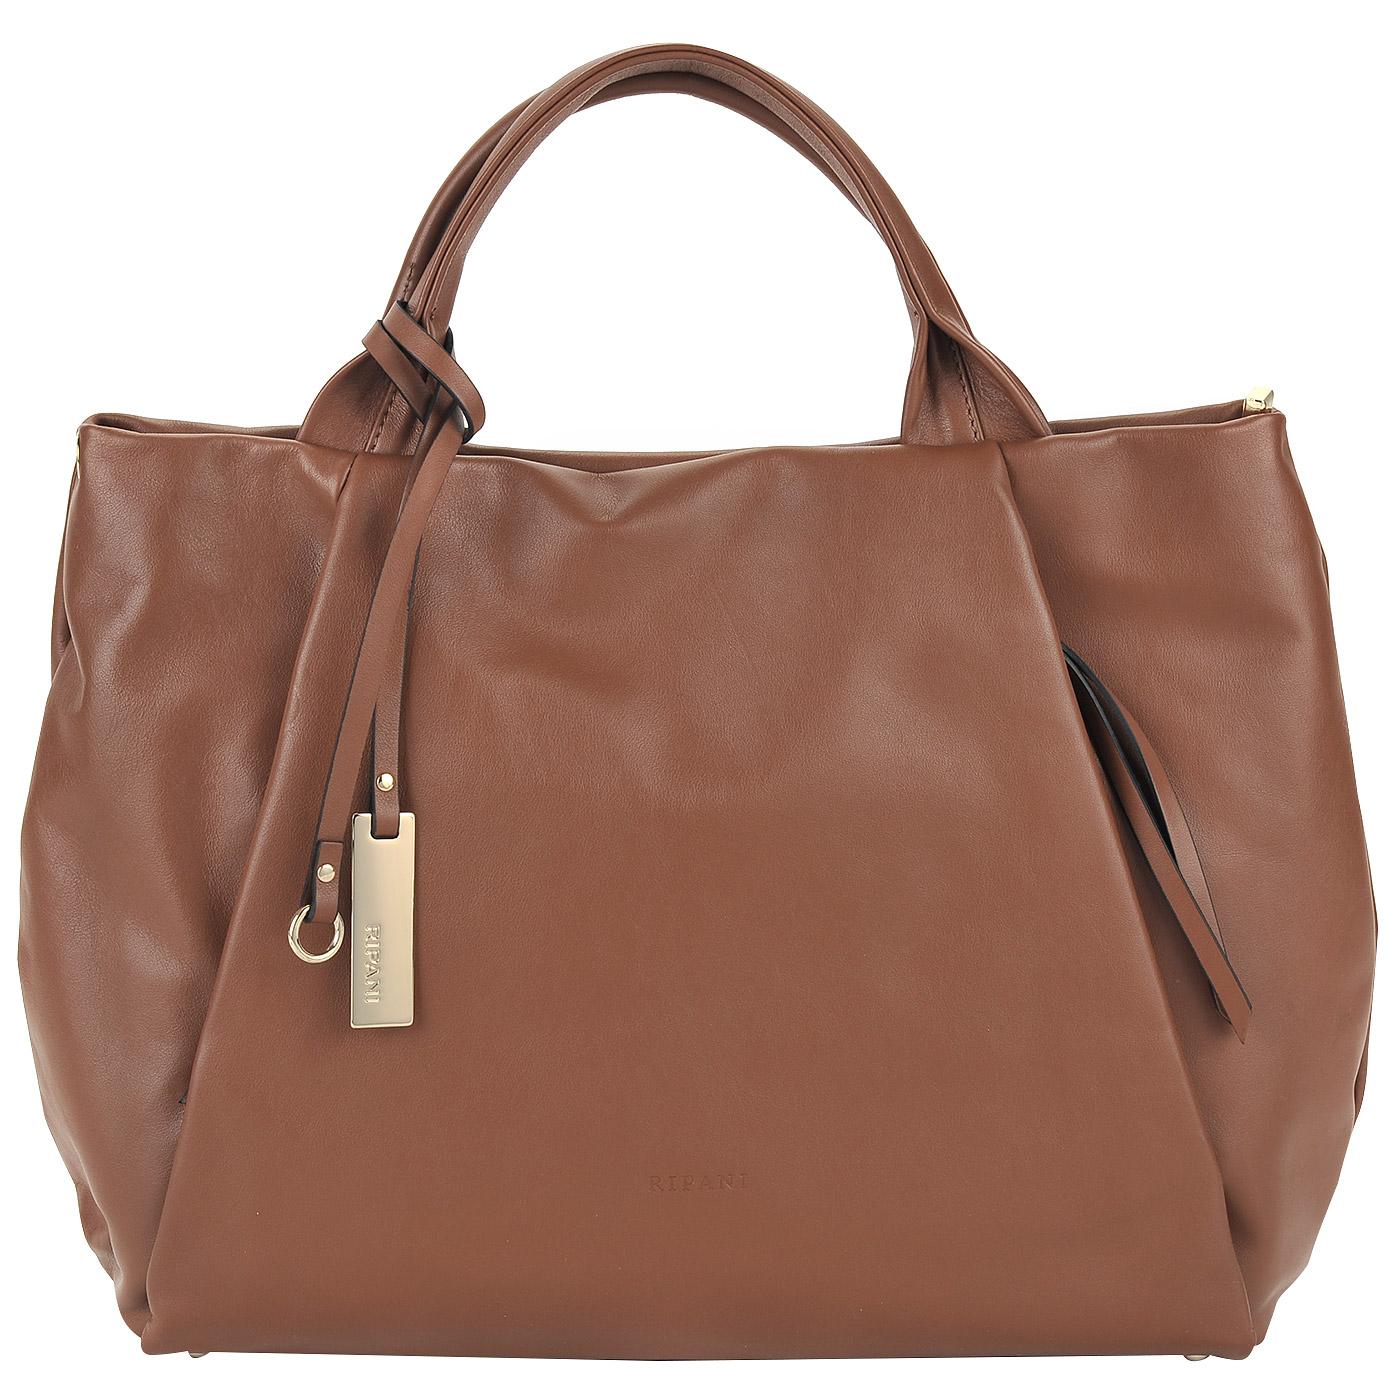 9b9d62297f3a Вместительная женская сумка из натуральной кожи Ripani Lime 7831LL ...